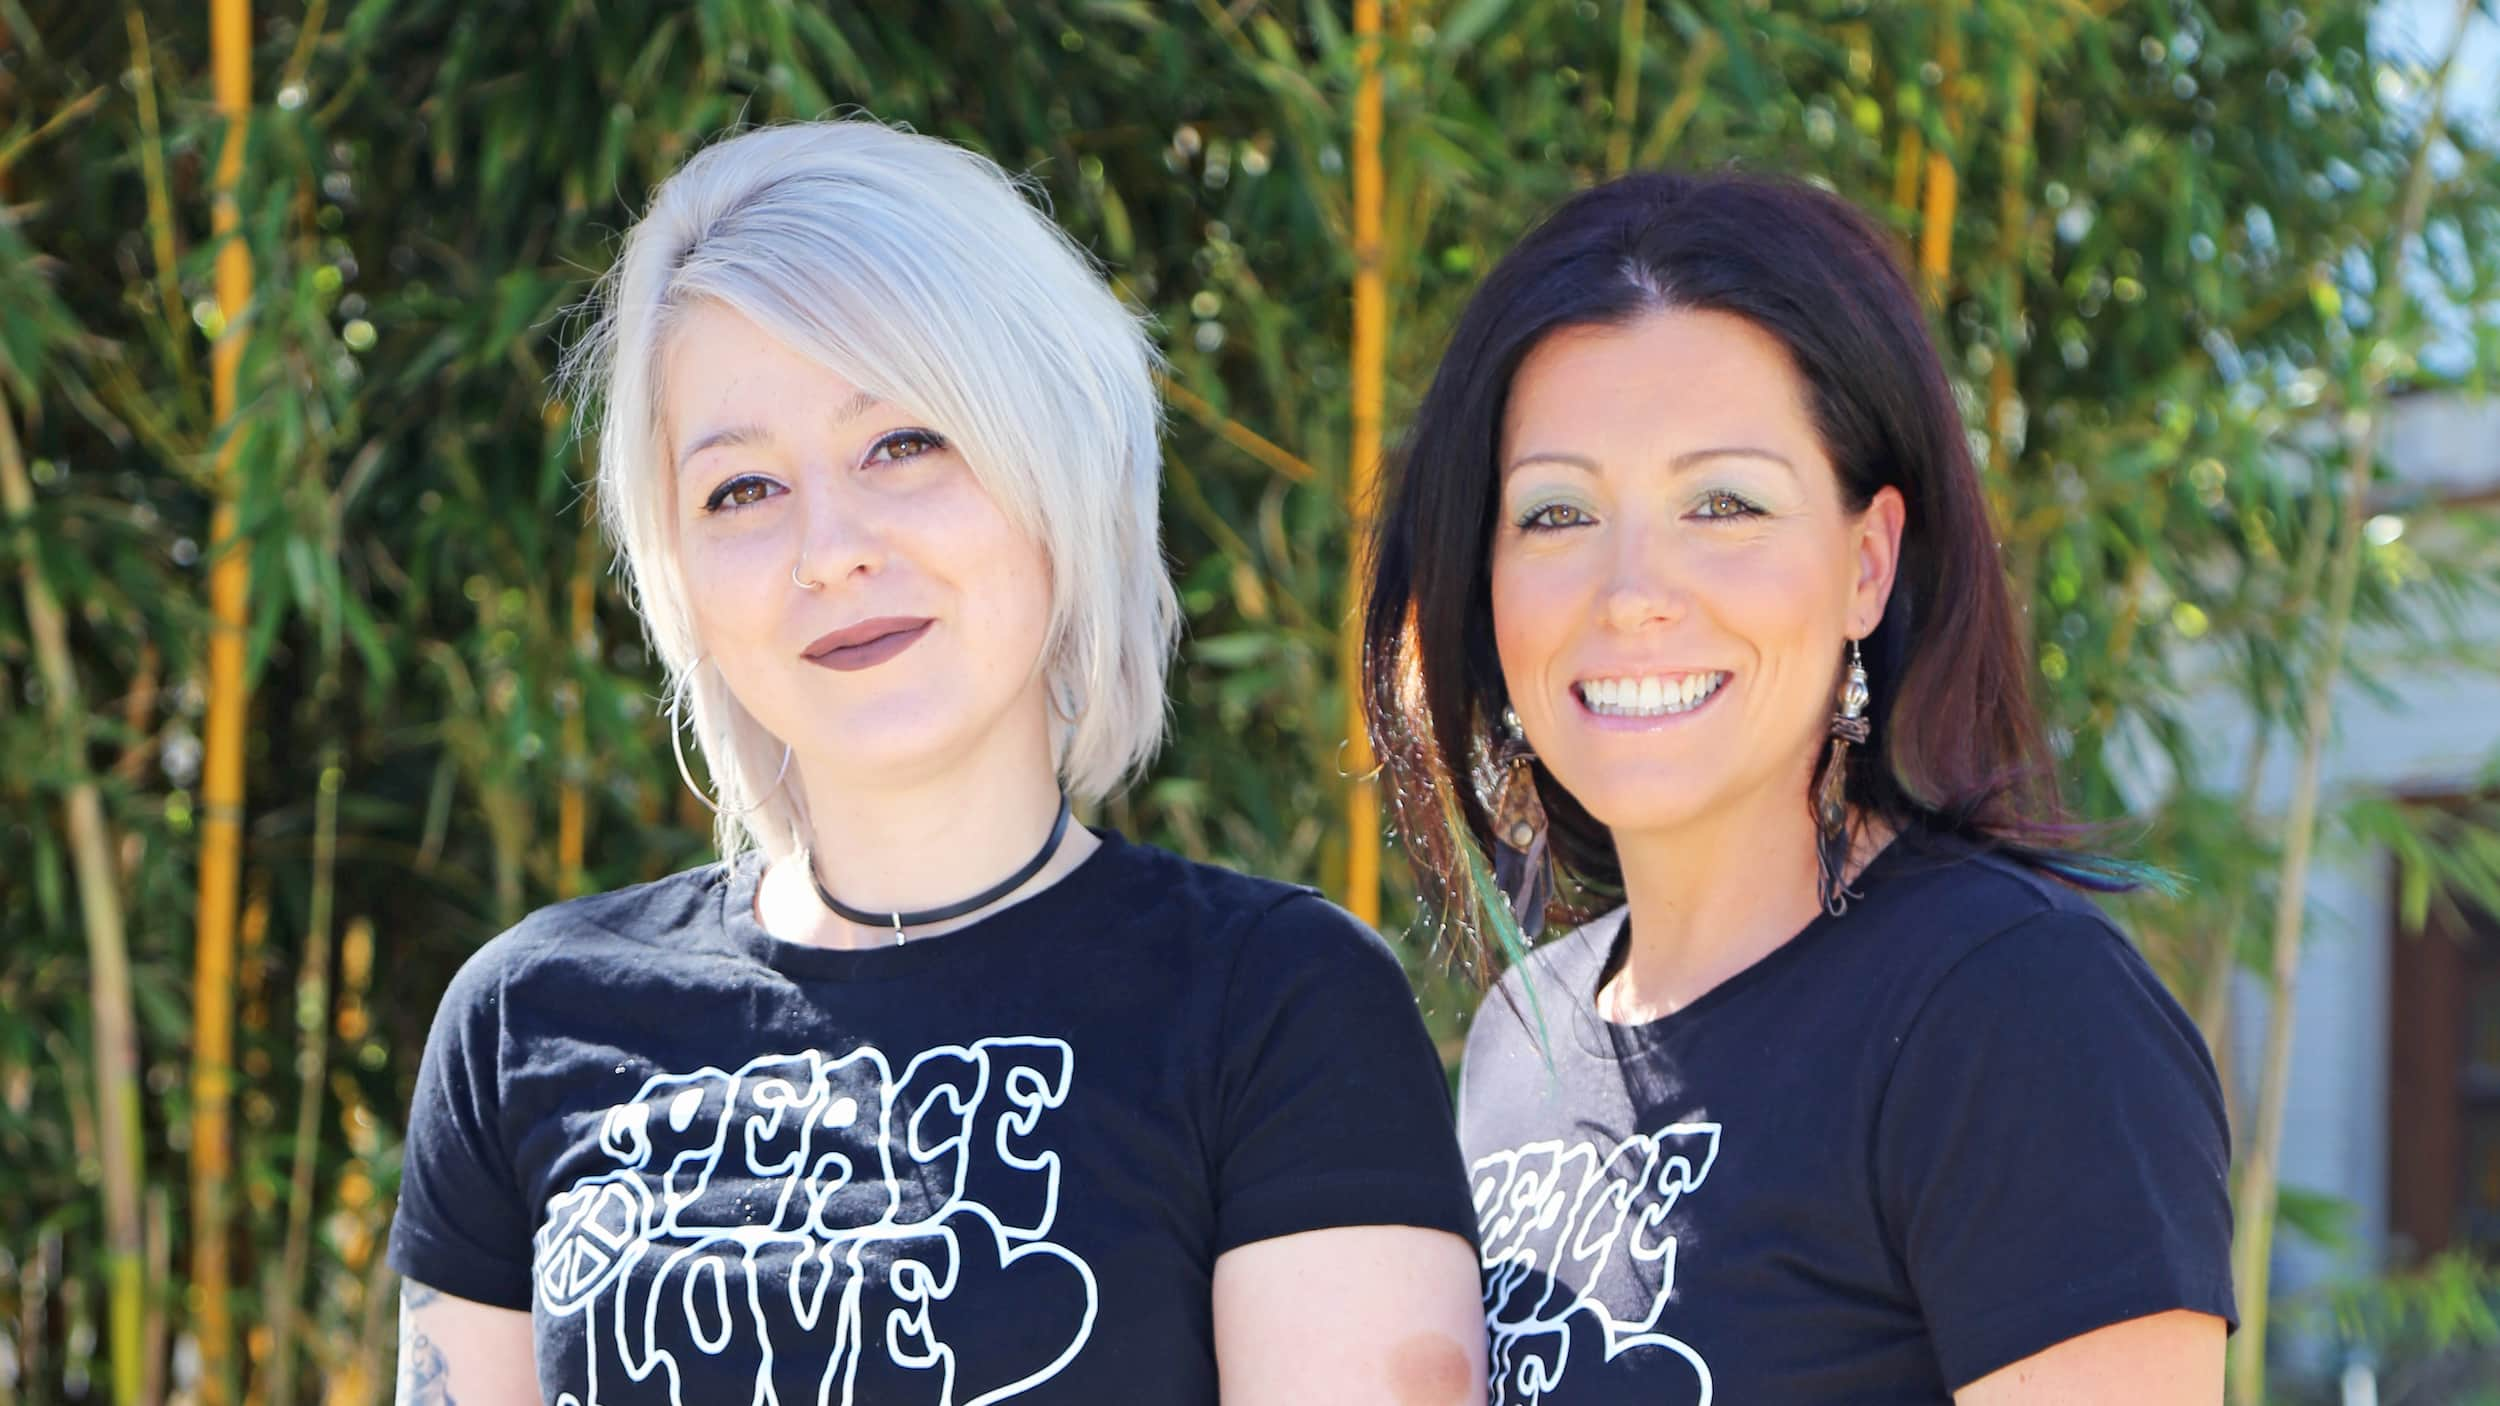 Team Aloha Hair Außenansicht: Friseurmeisterin und Inhaberin des Salons Frau Sandra Hofsäß mit Ihrer Mitarbeiterin